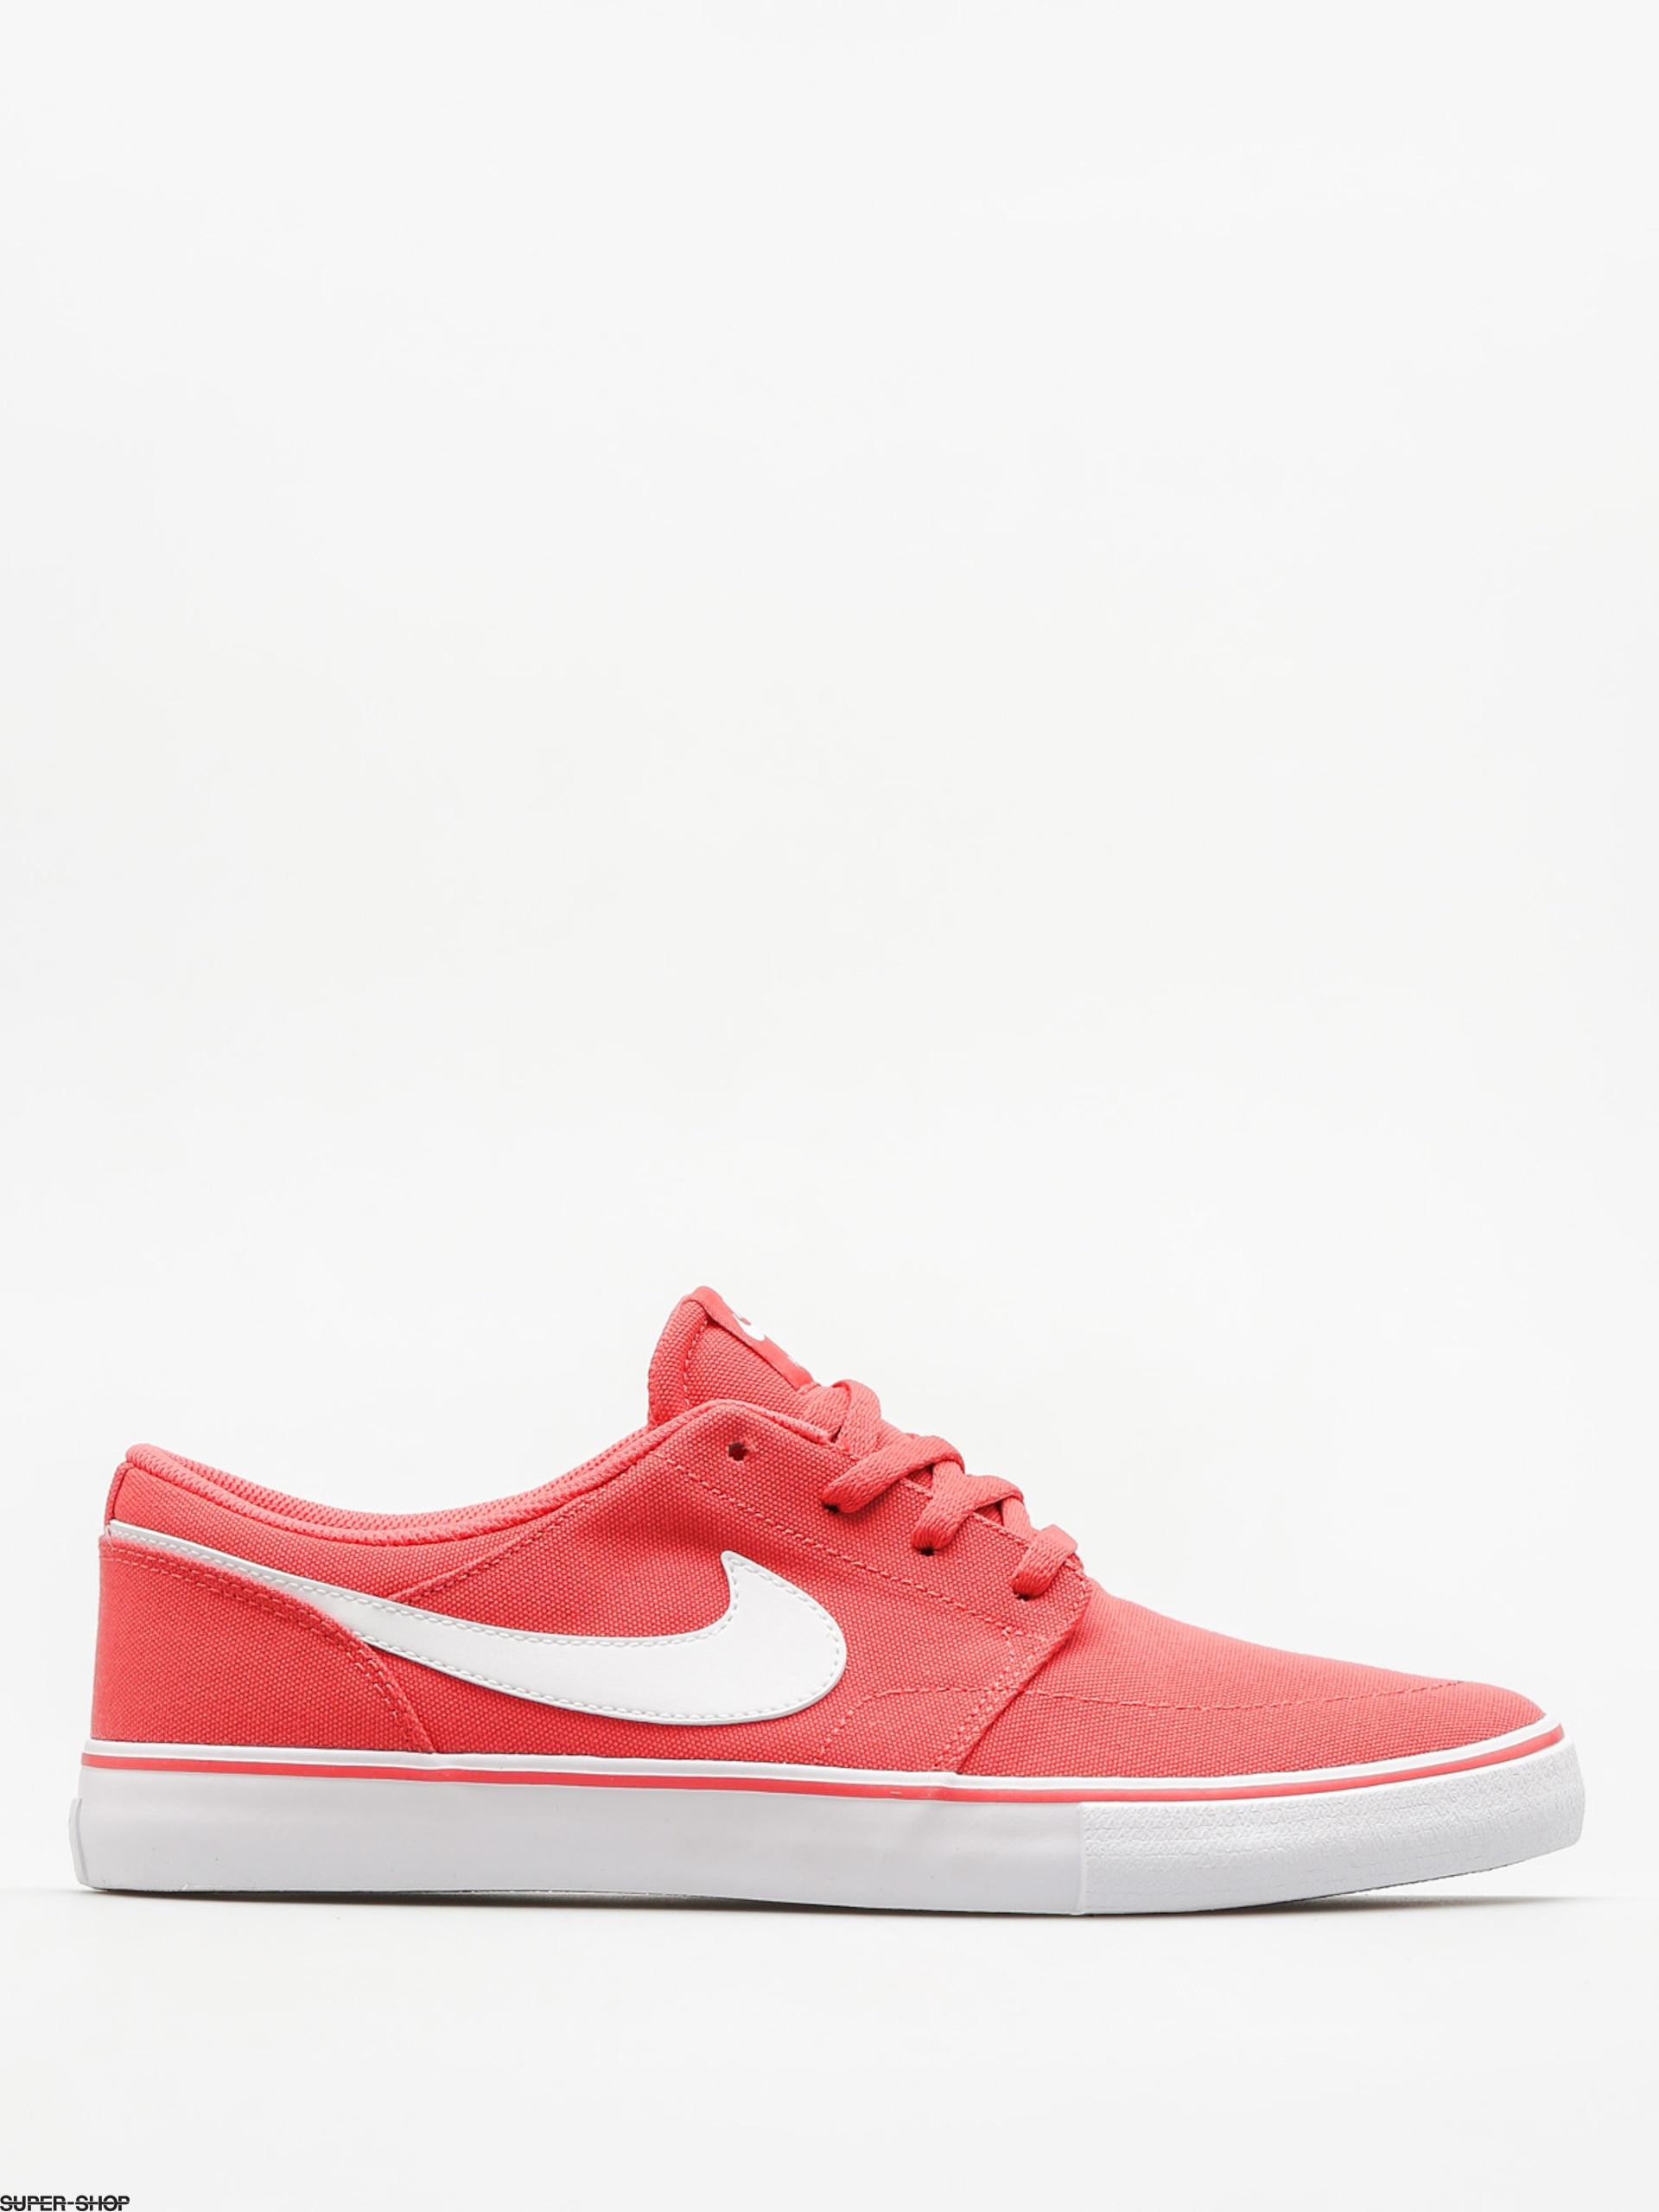 Nike SB Shoes Nike Sb Portmore II Solar Cnvs (track red/white black)